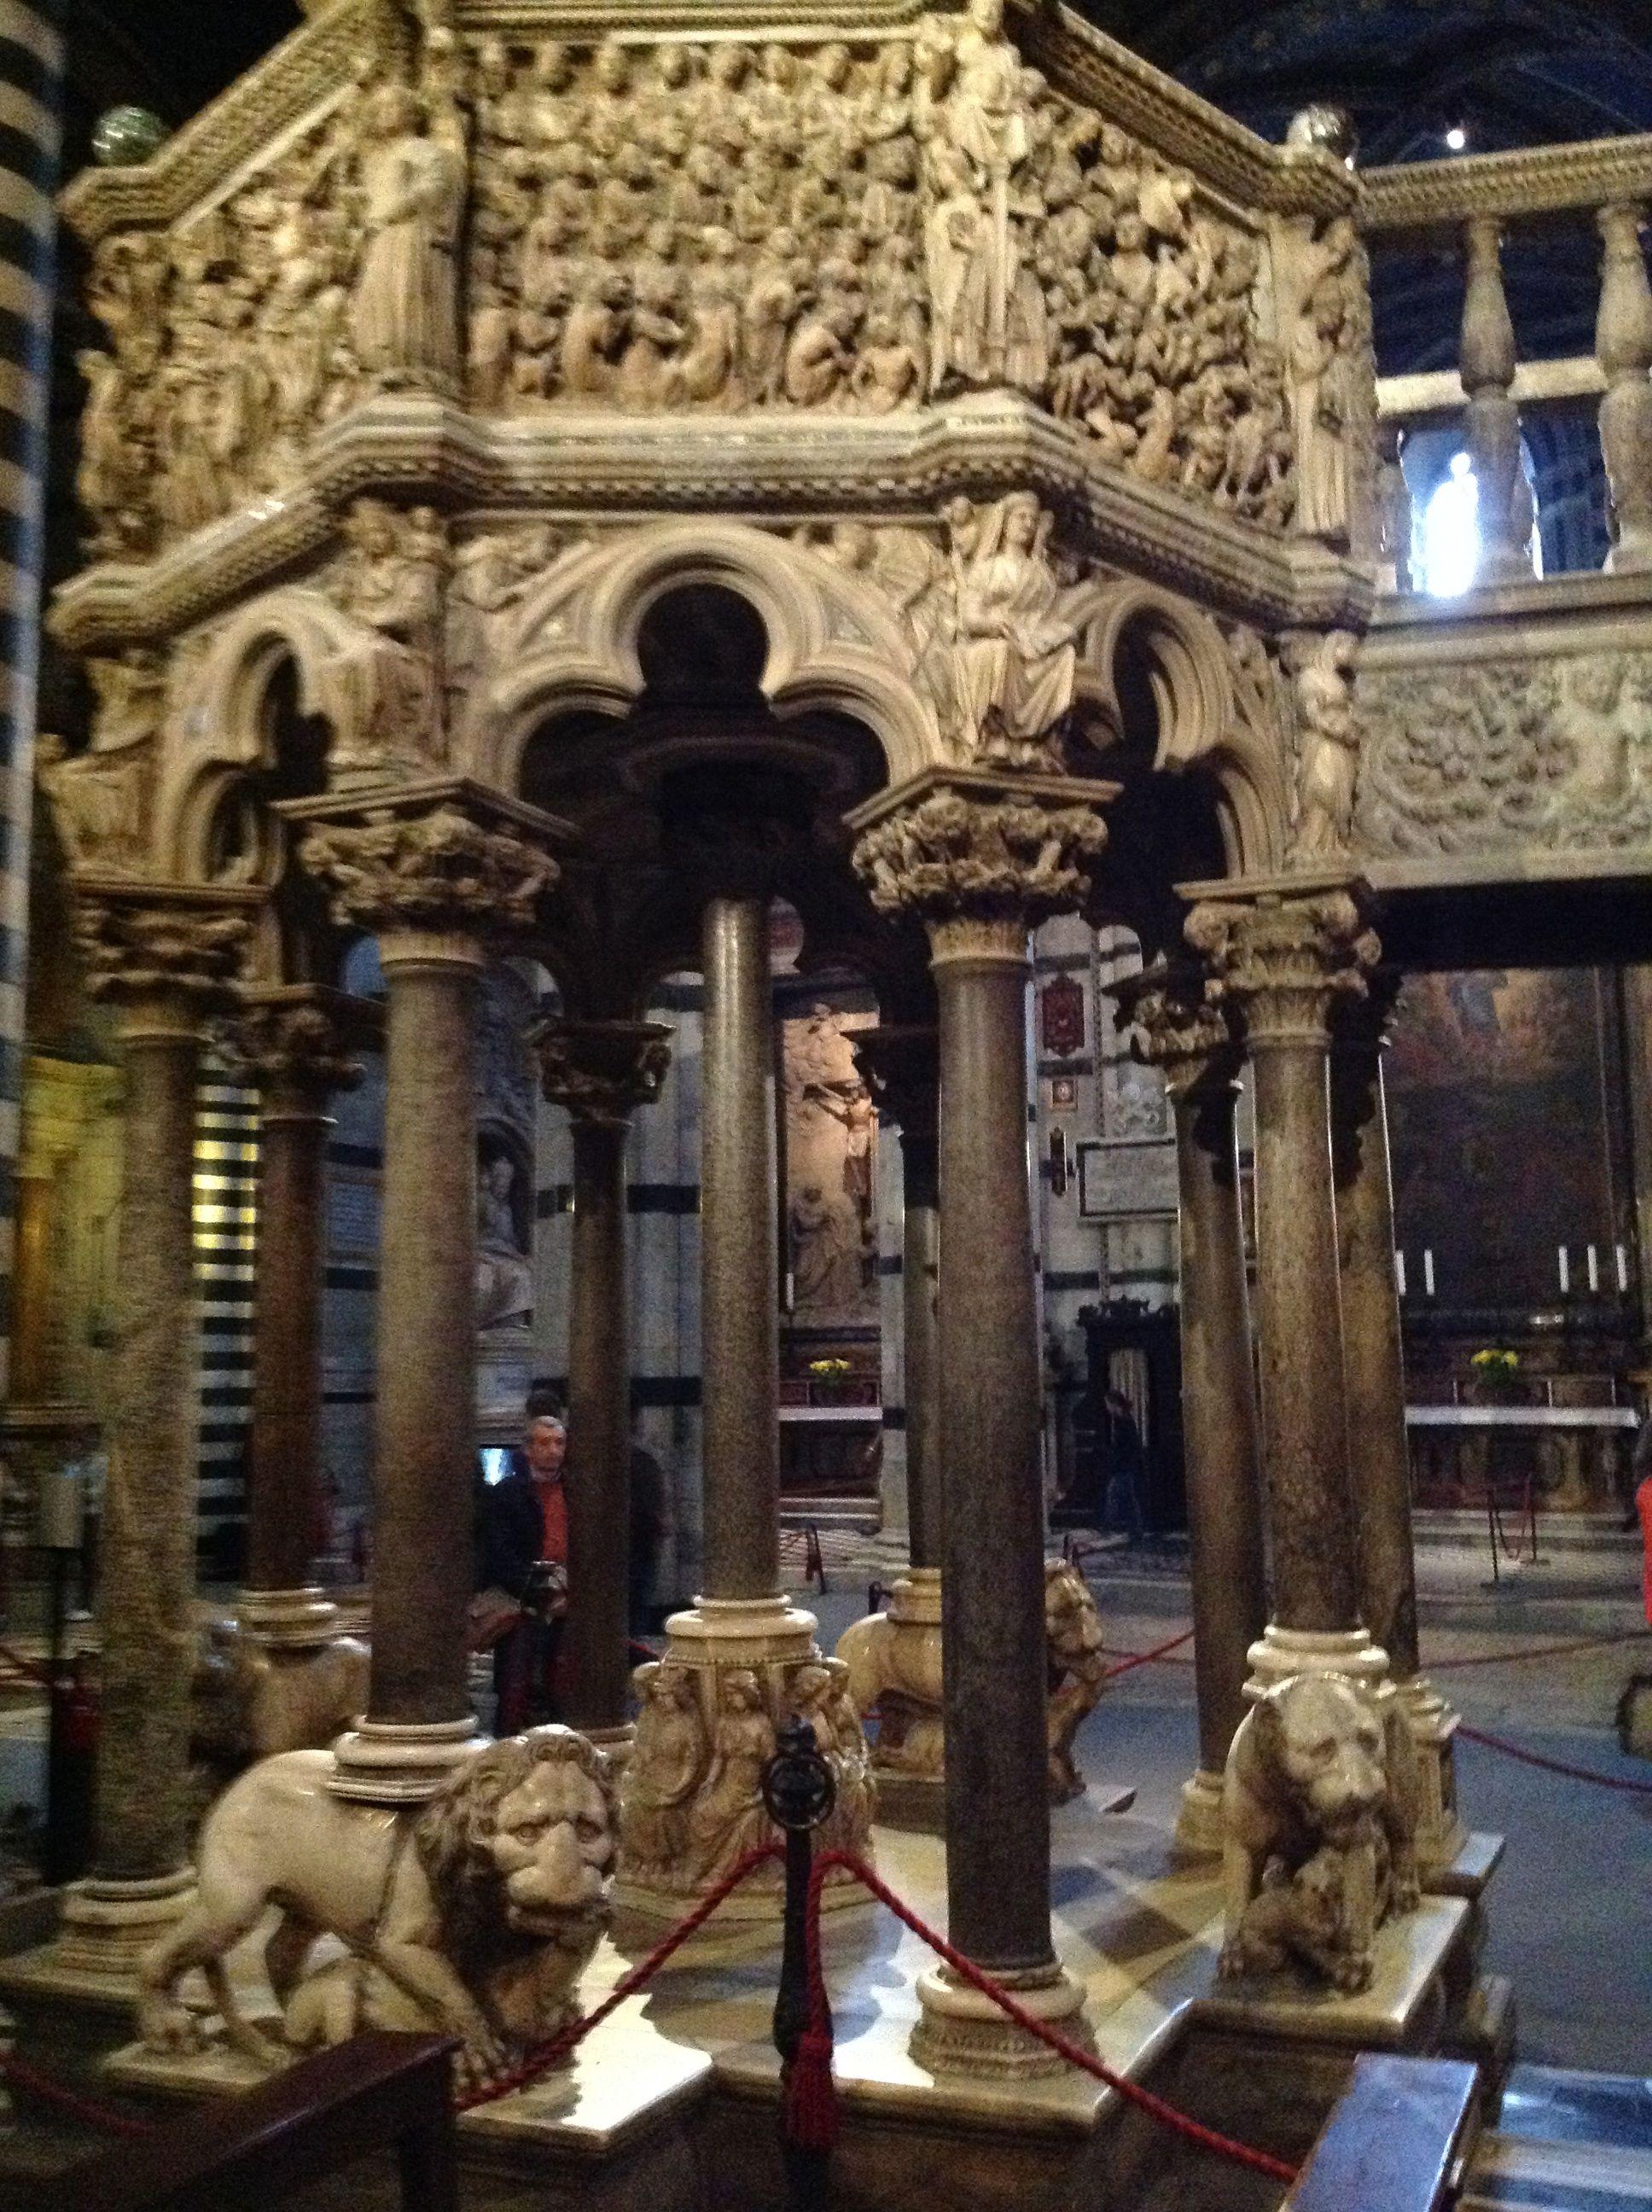 Pulpito du dôme de Sienne